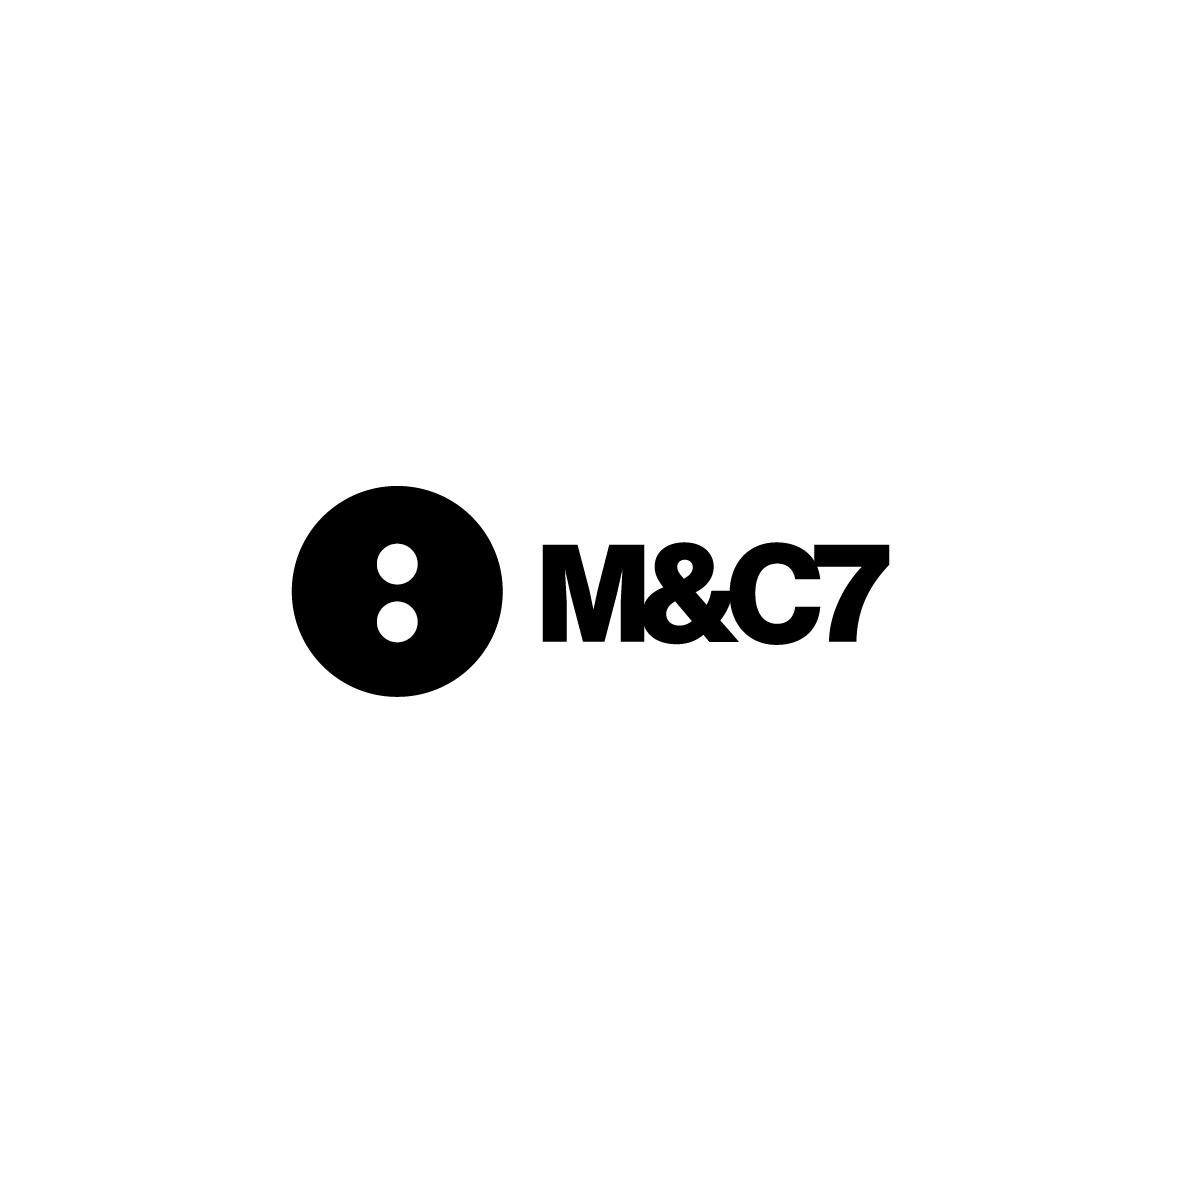 M&C7_Square-11